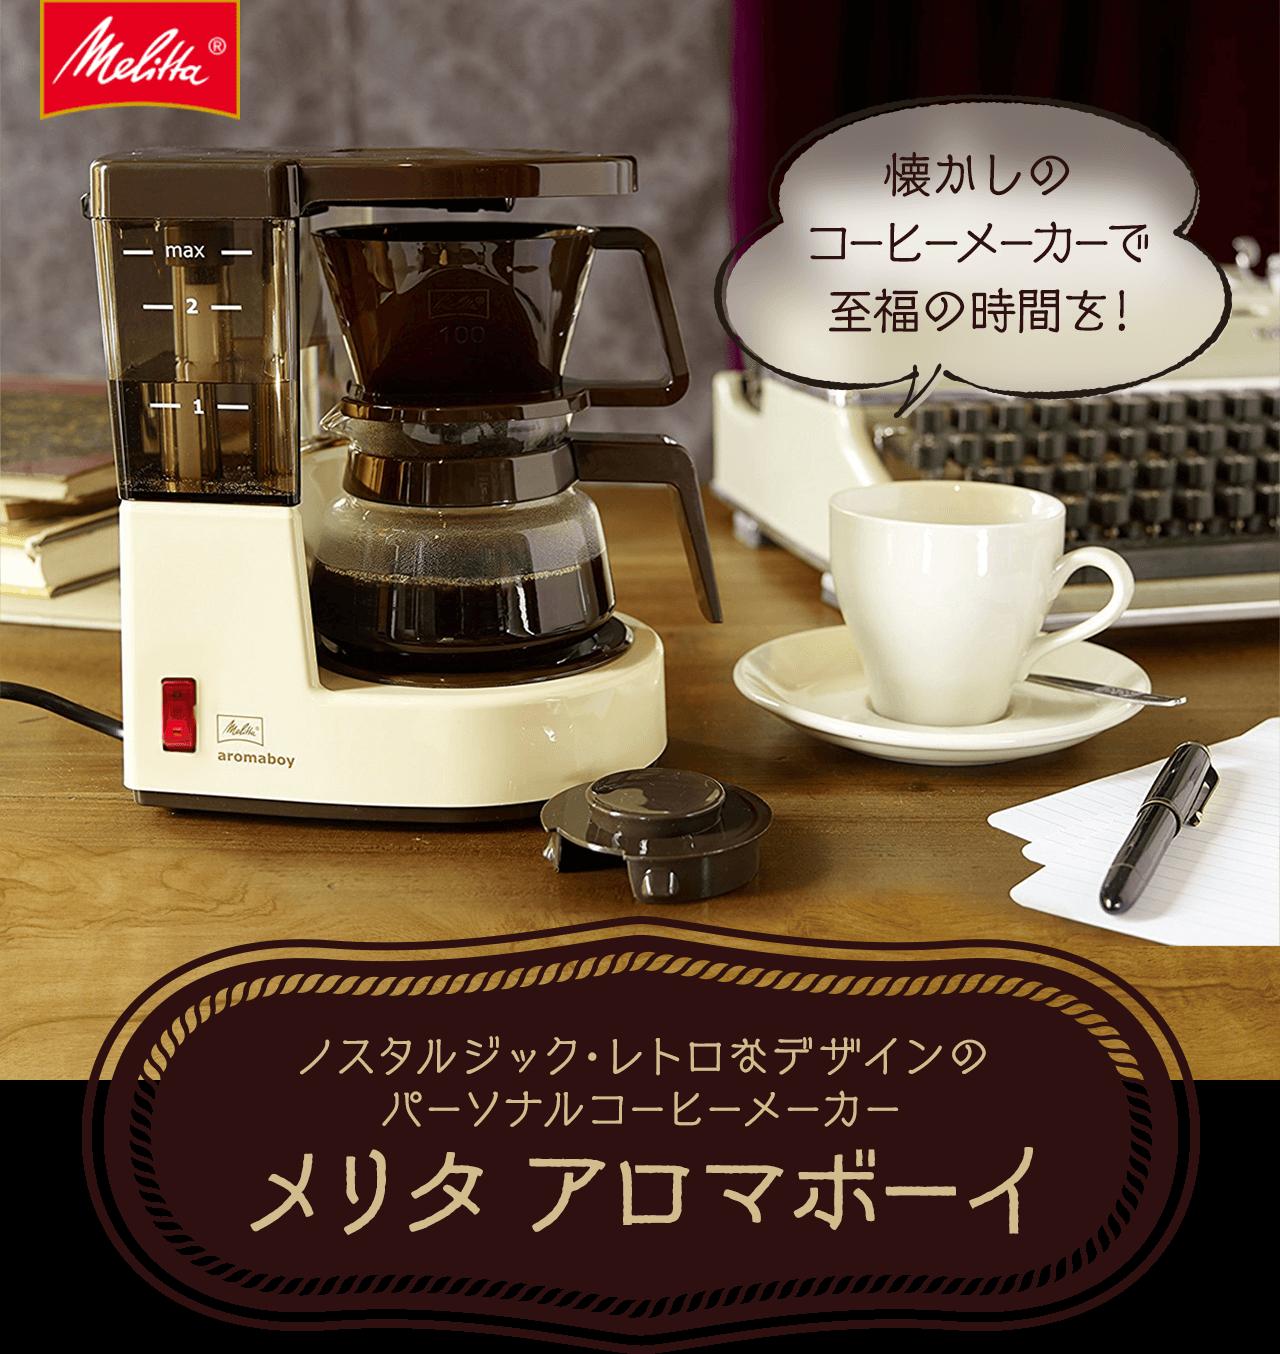 懐かしのコーヒーメーカーで至福の時間を! ノスタルジック・レトロなデザインのパーソナルコーヒーメーカー メリタ アロマボーイ